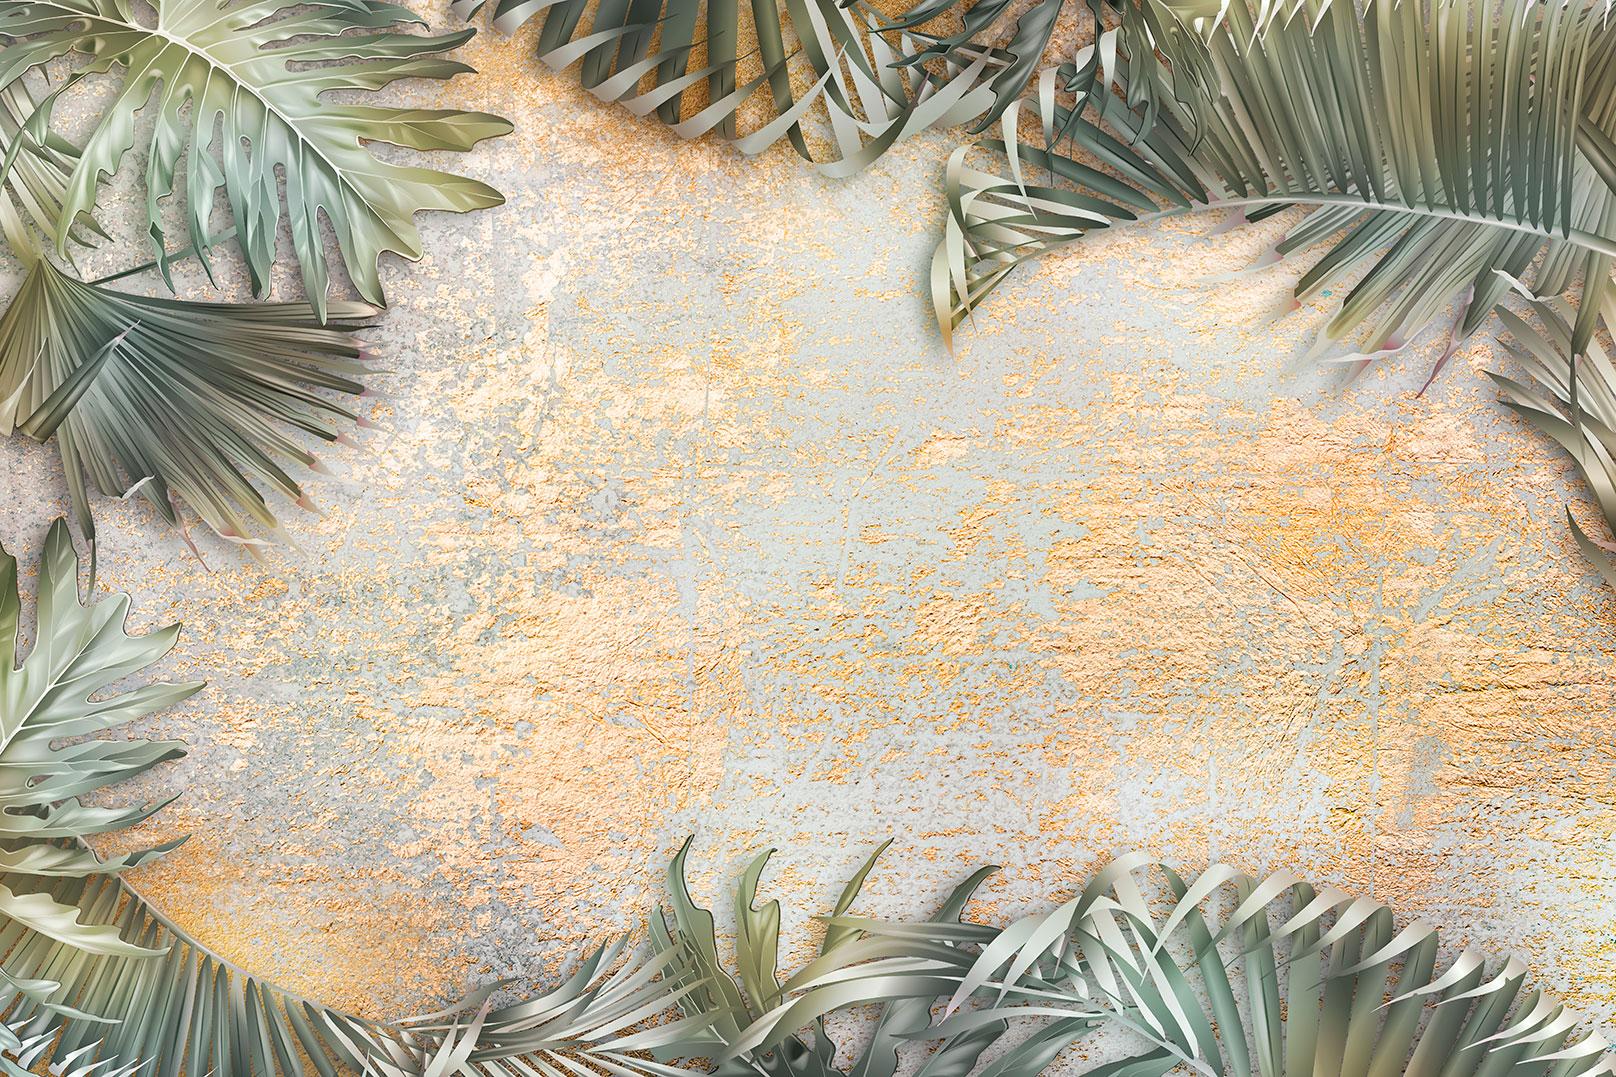 Фотообои пальмовые листья на золотой штукатурке украсят интерьер гостиной комнаты.